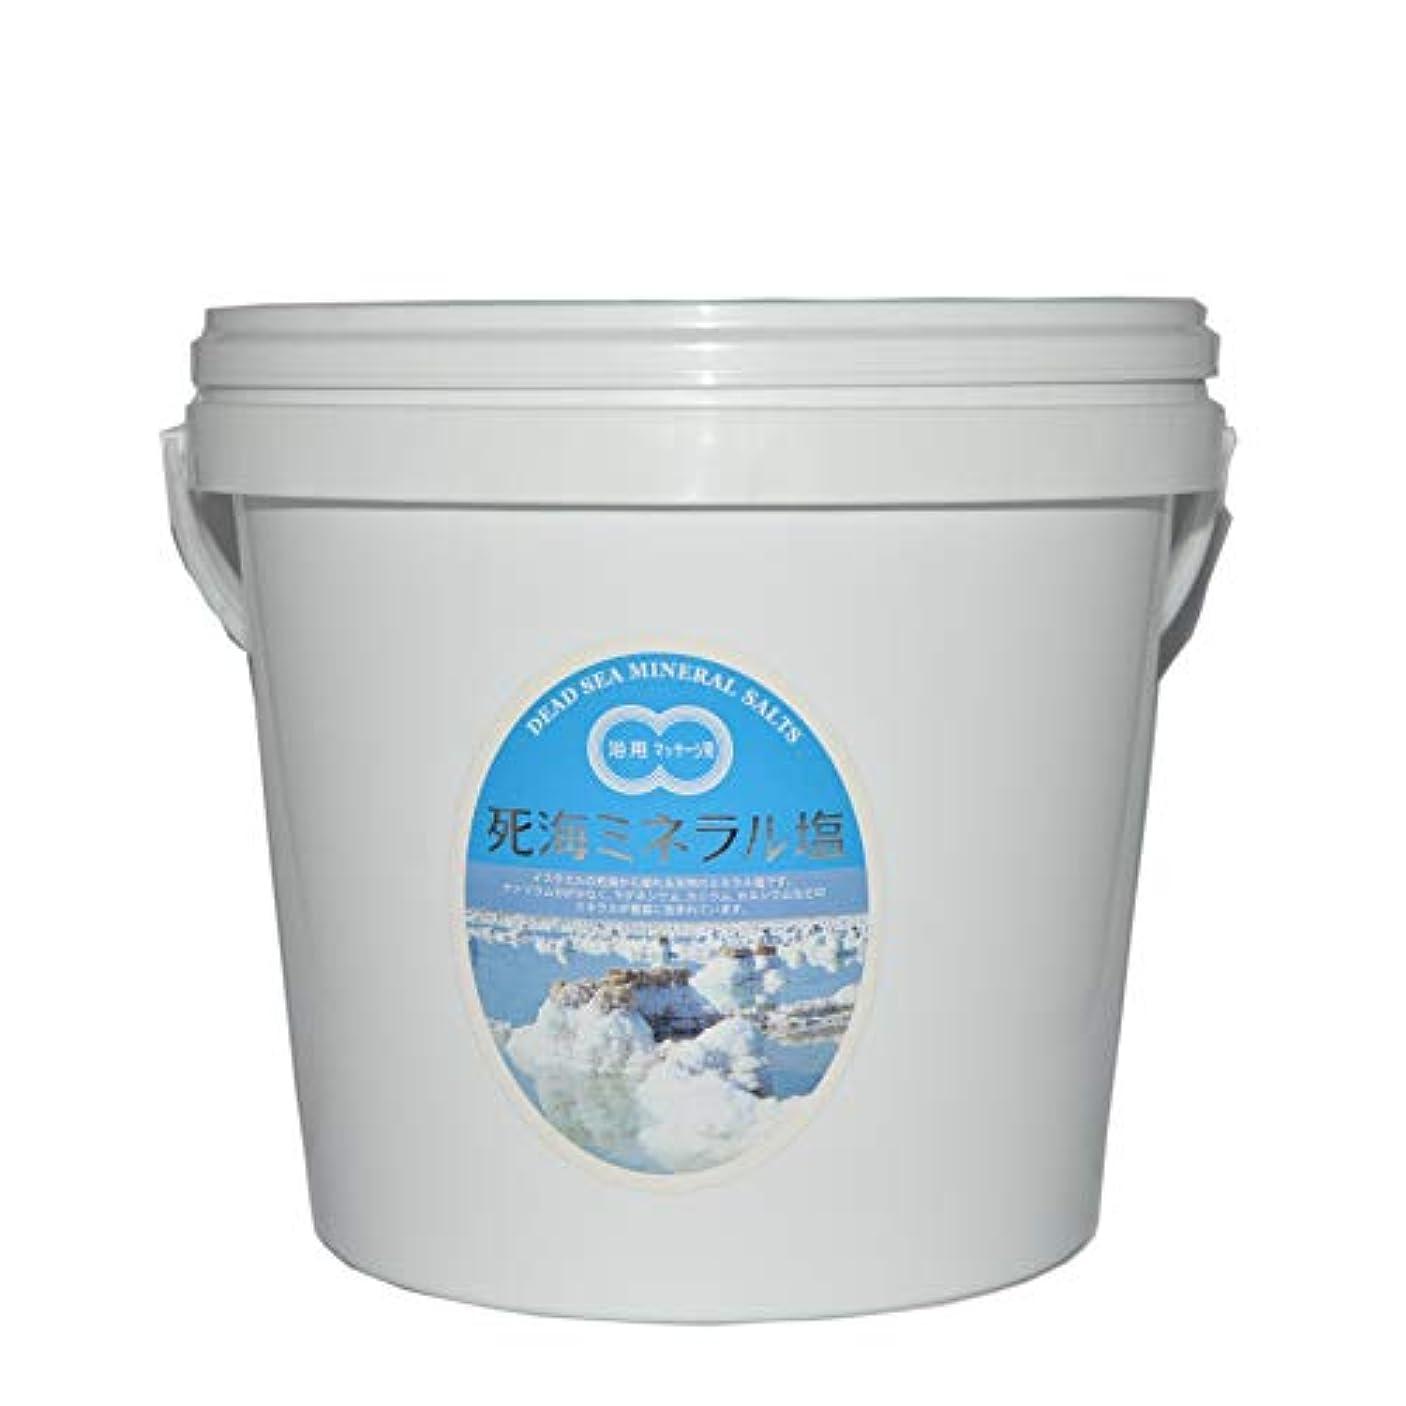 原因カバー貫通死海ミネラル塩5kgバケツ